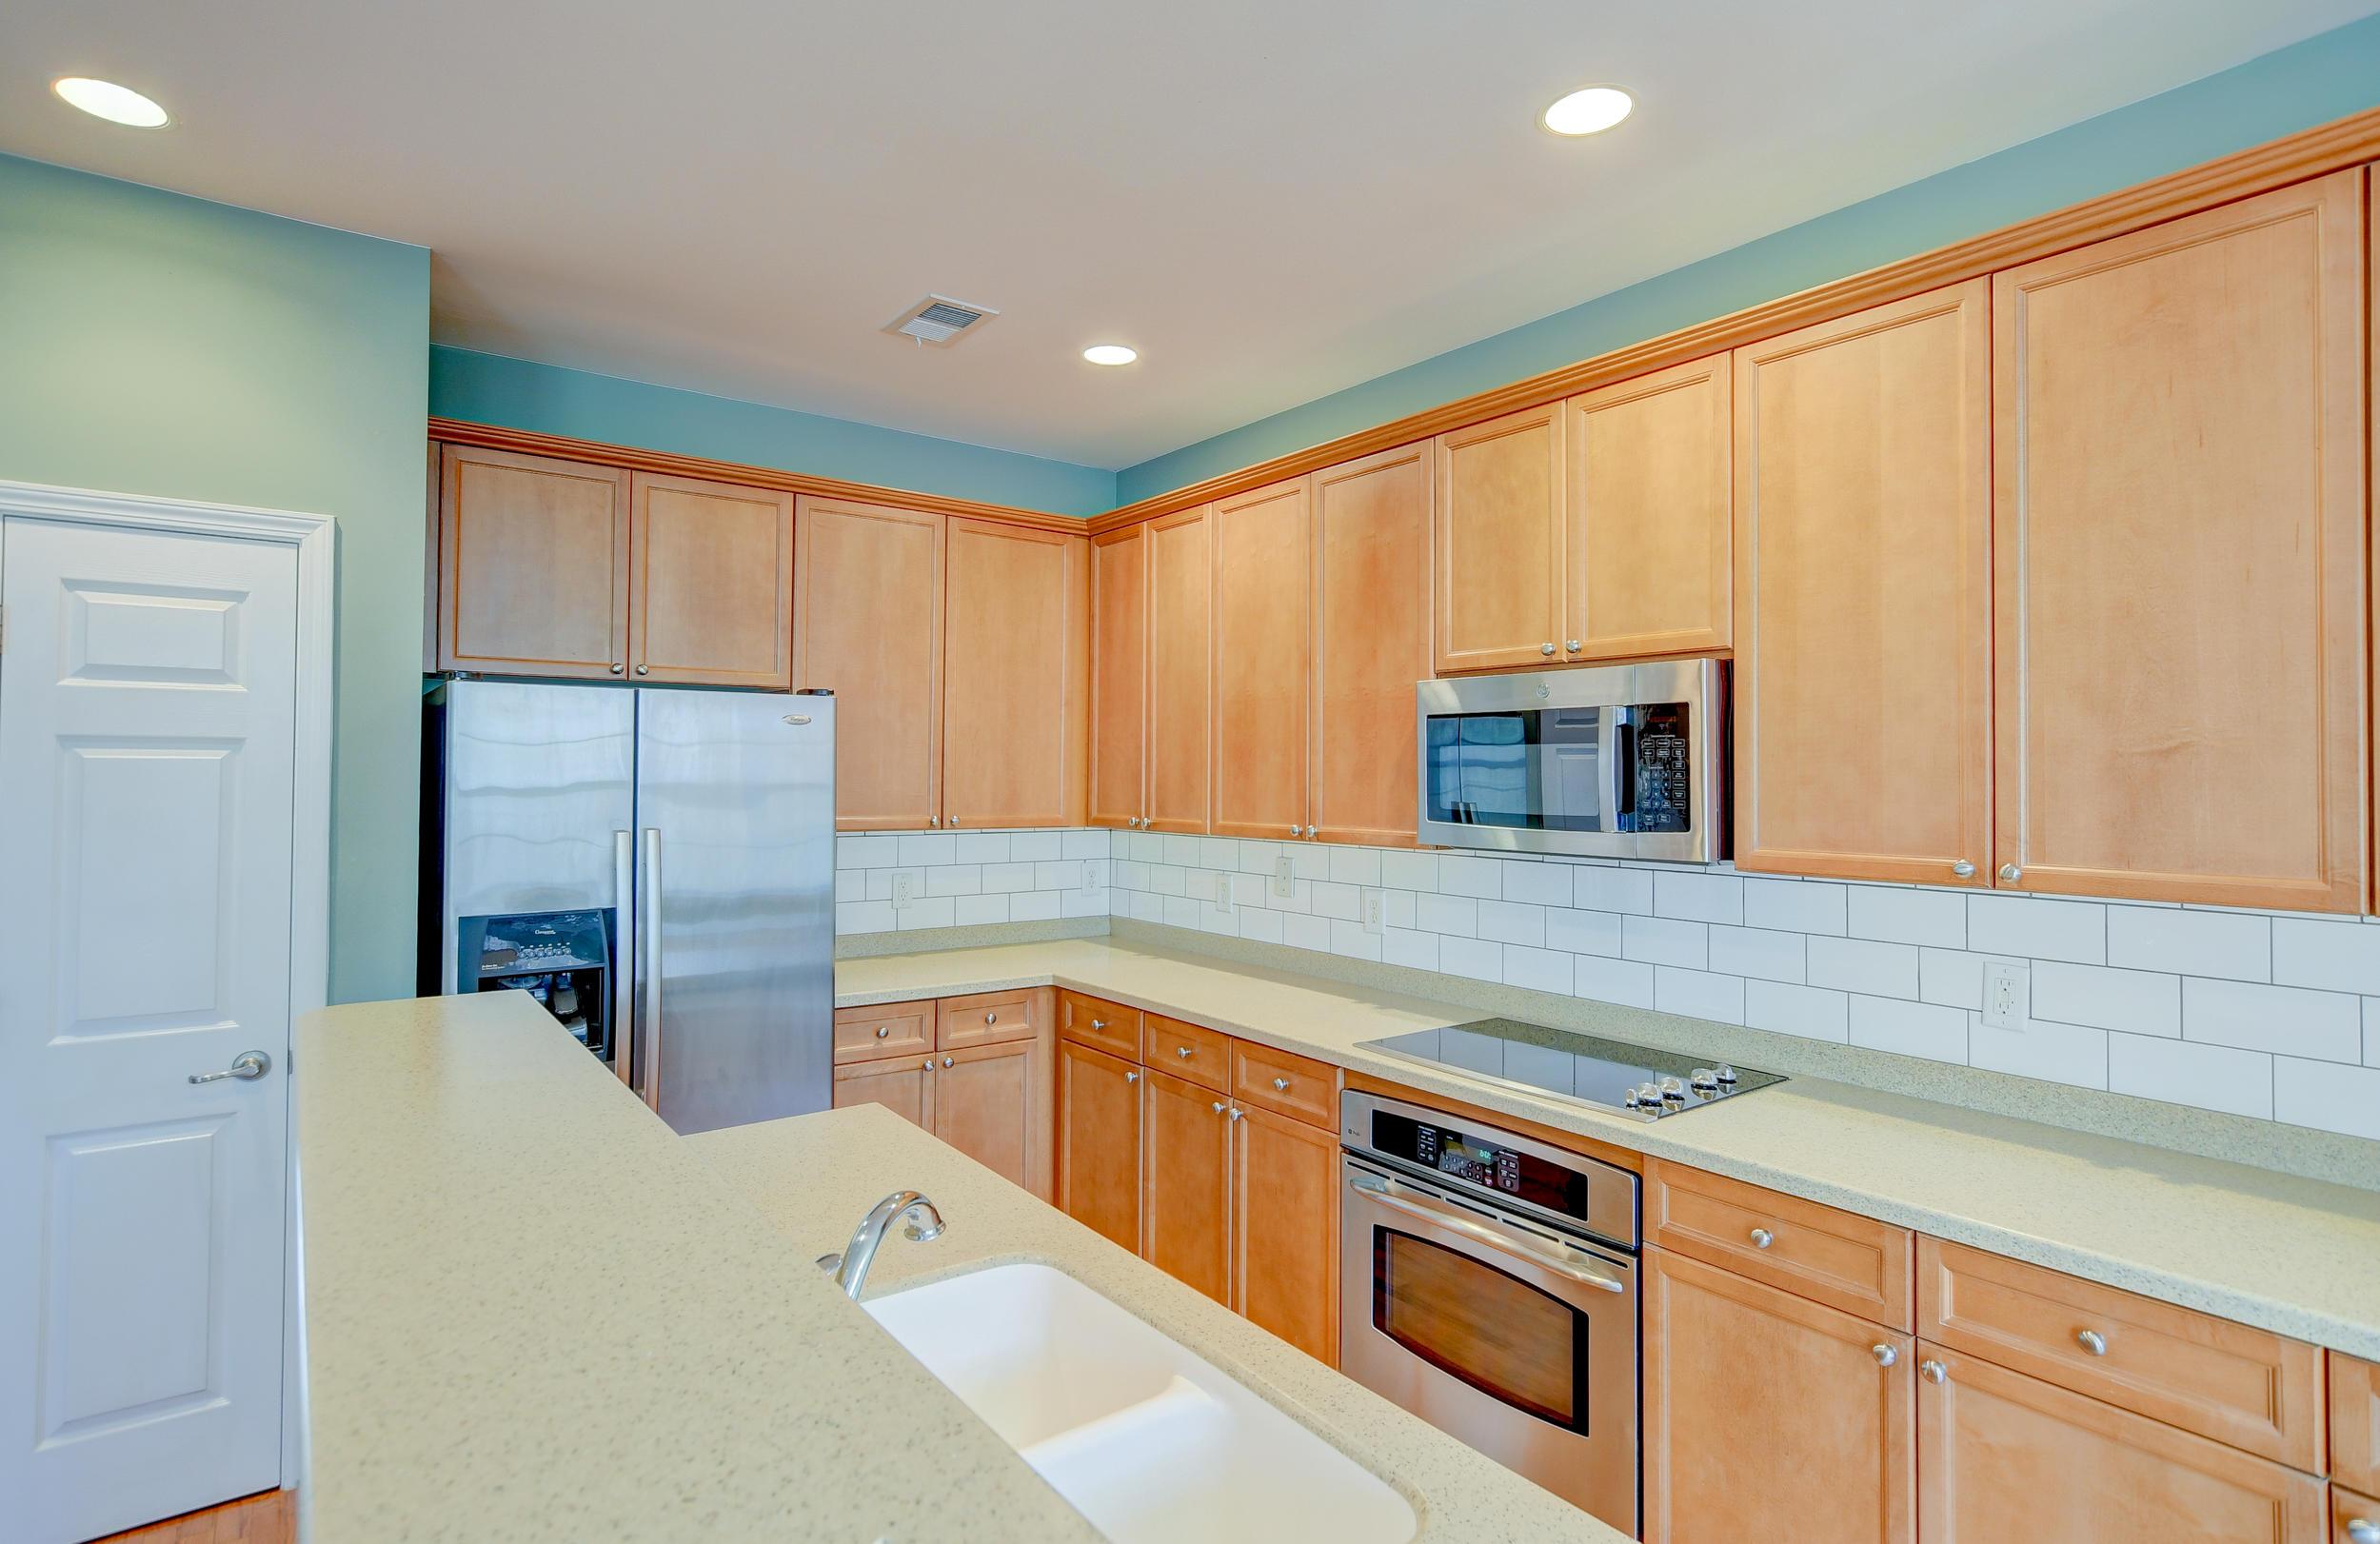 Park West Homes For Sale - 3545 Claremont, Mount Pleasant, SC - 1